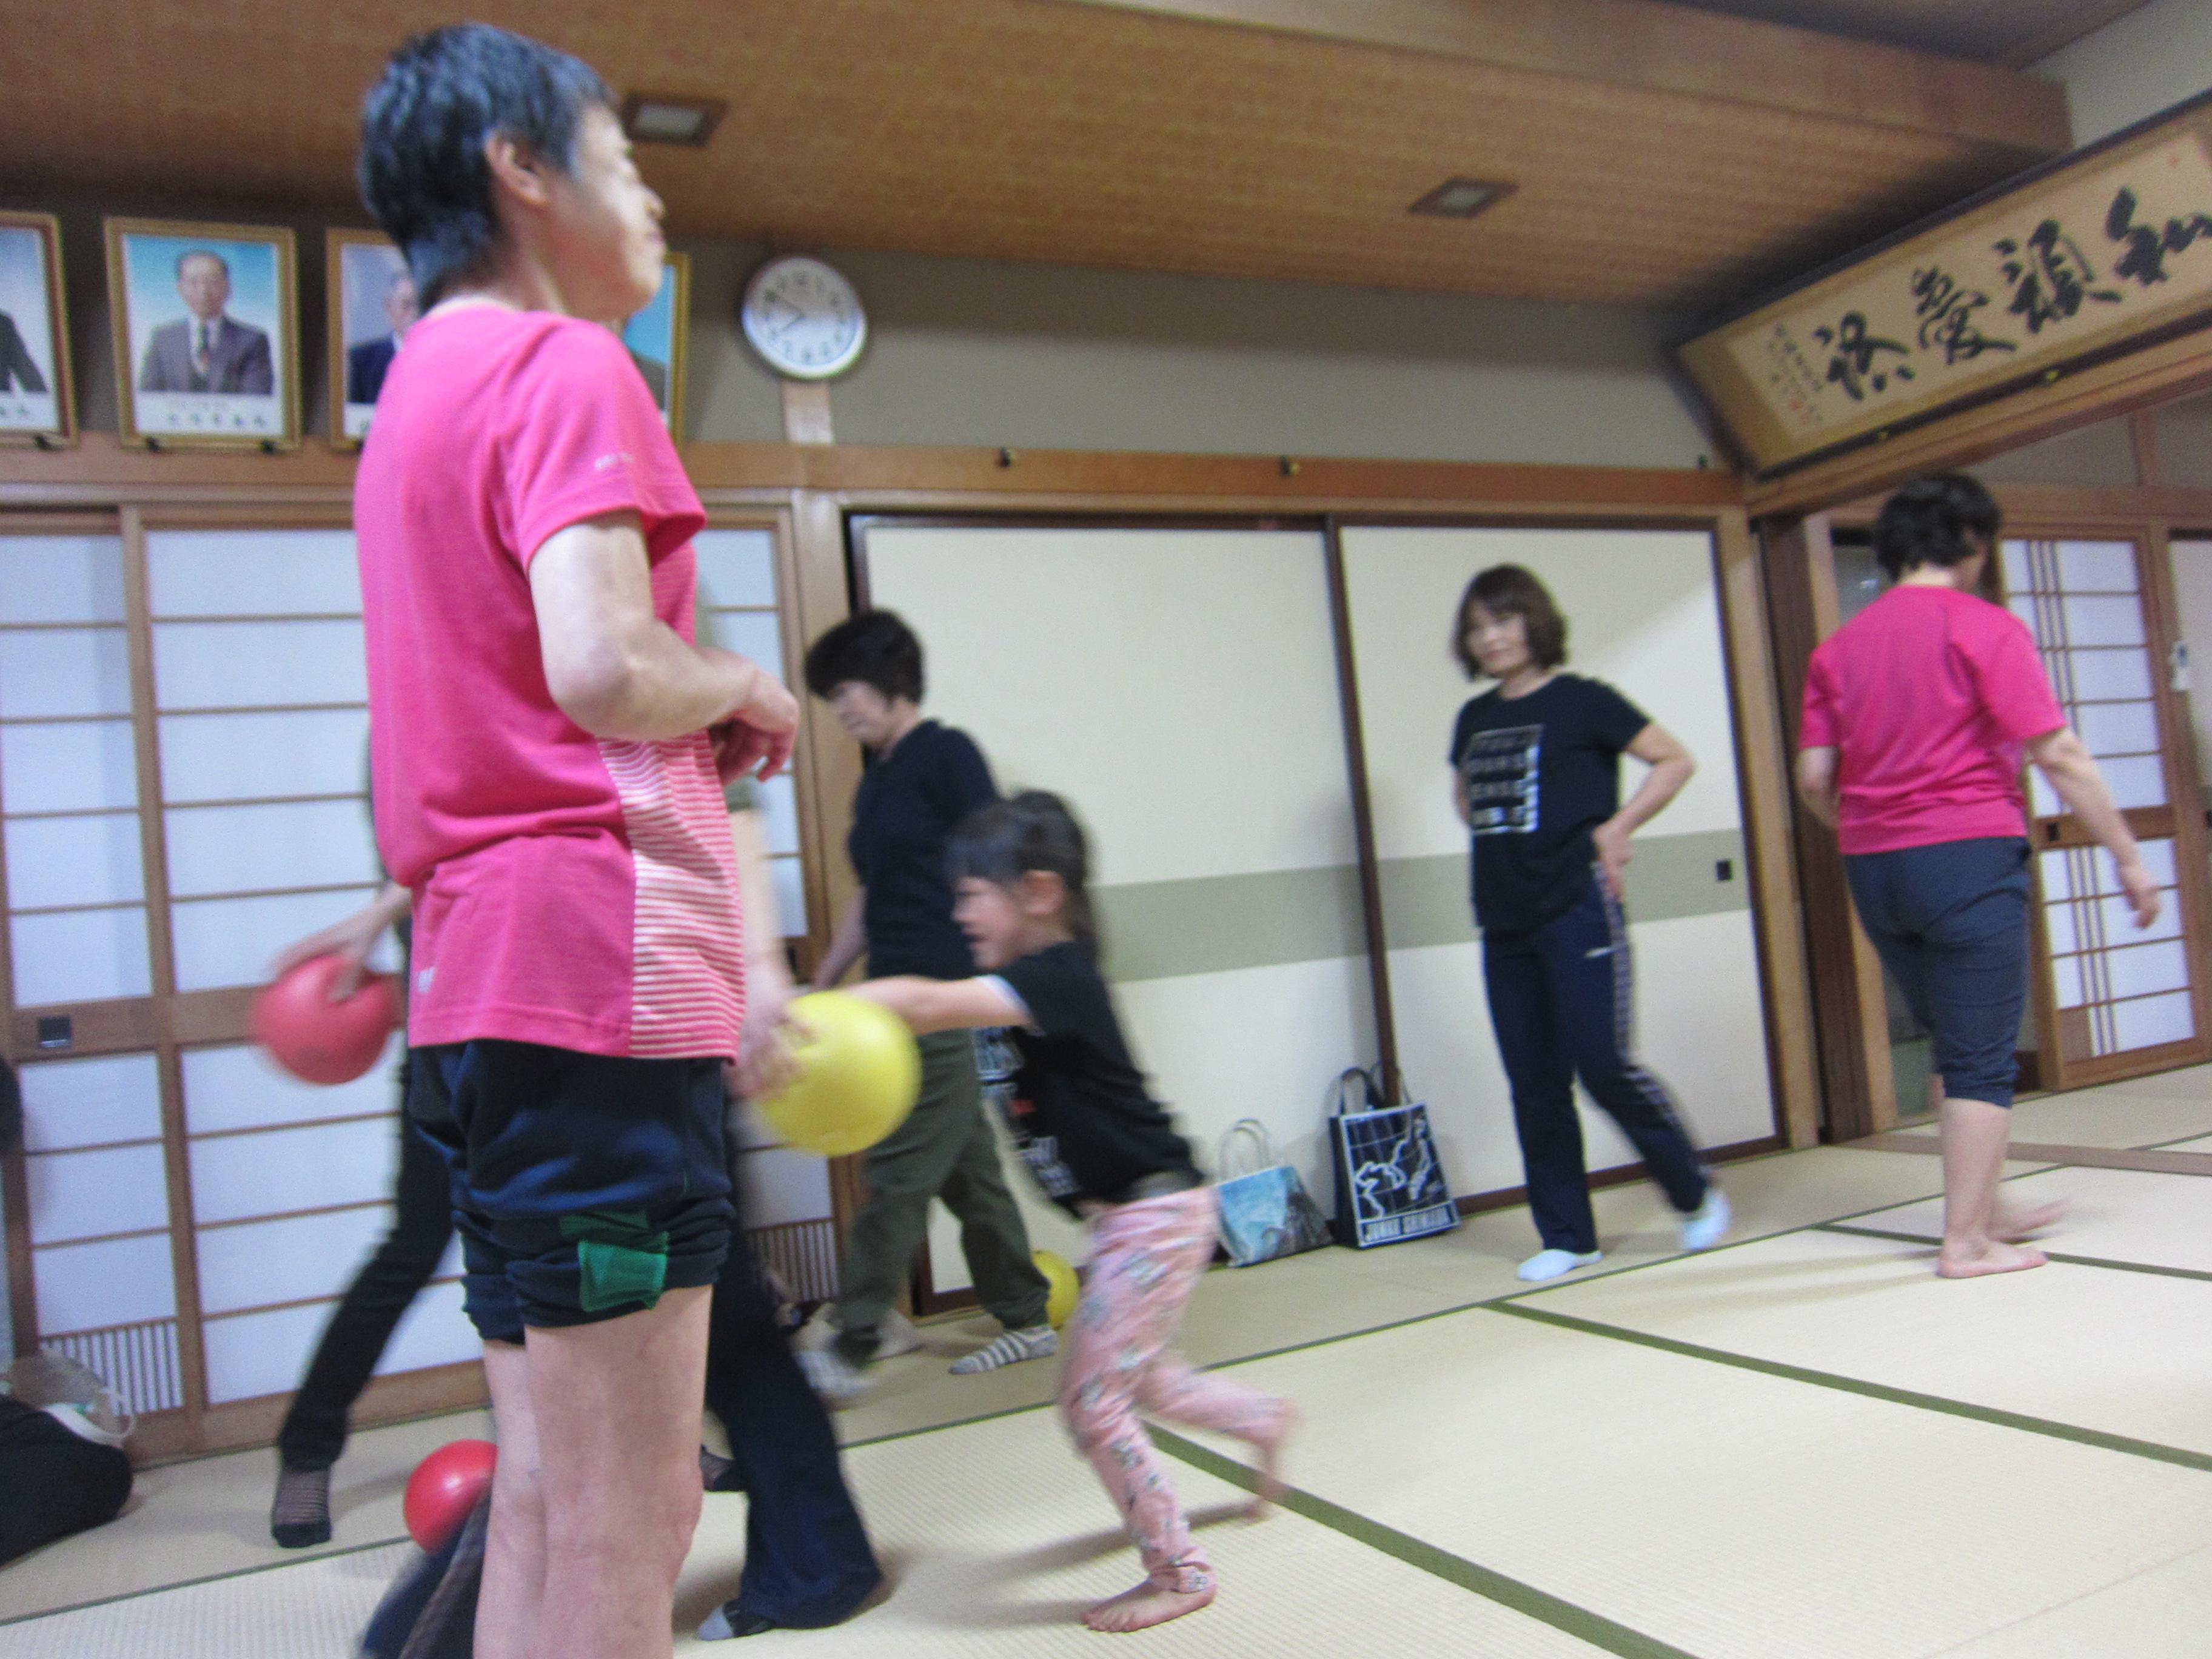 いちごクラブチビボール運動(白椿地区公民館):画像